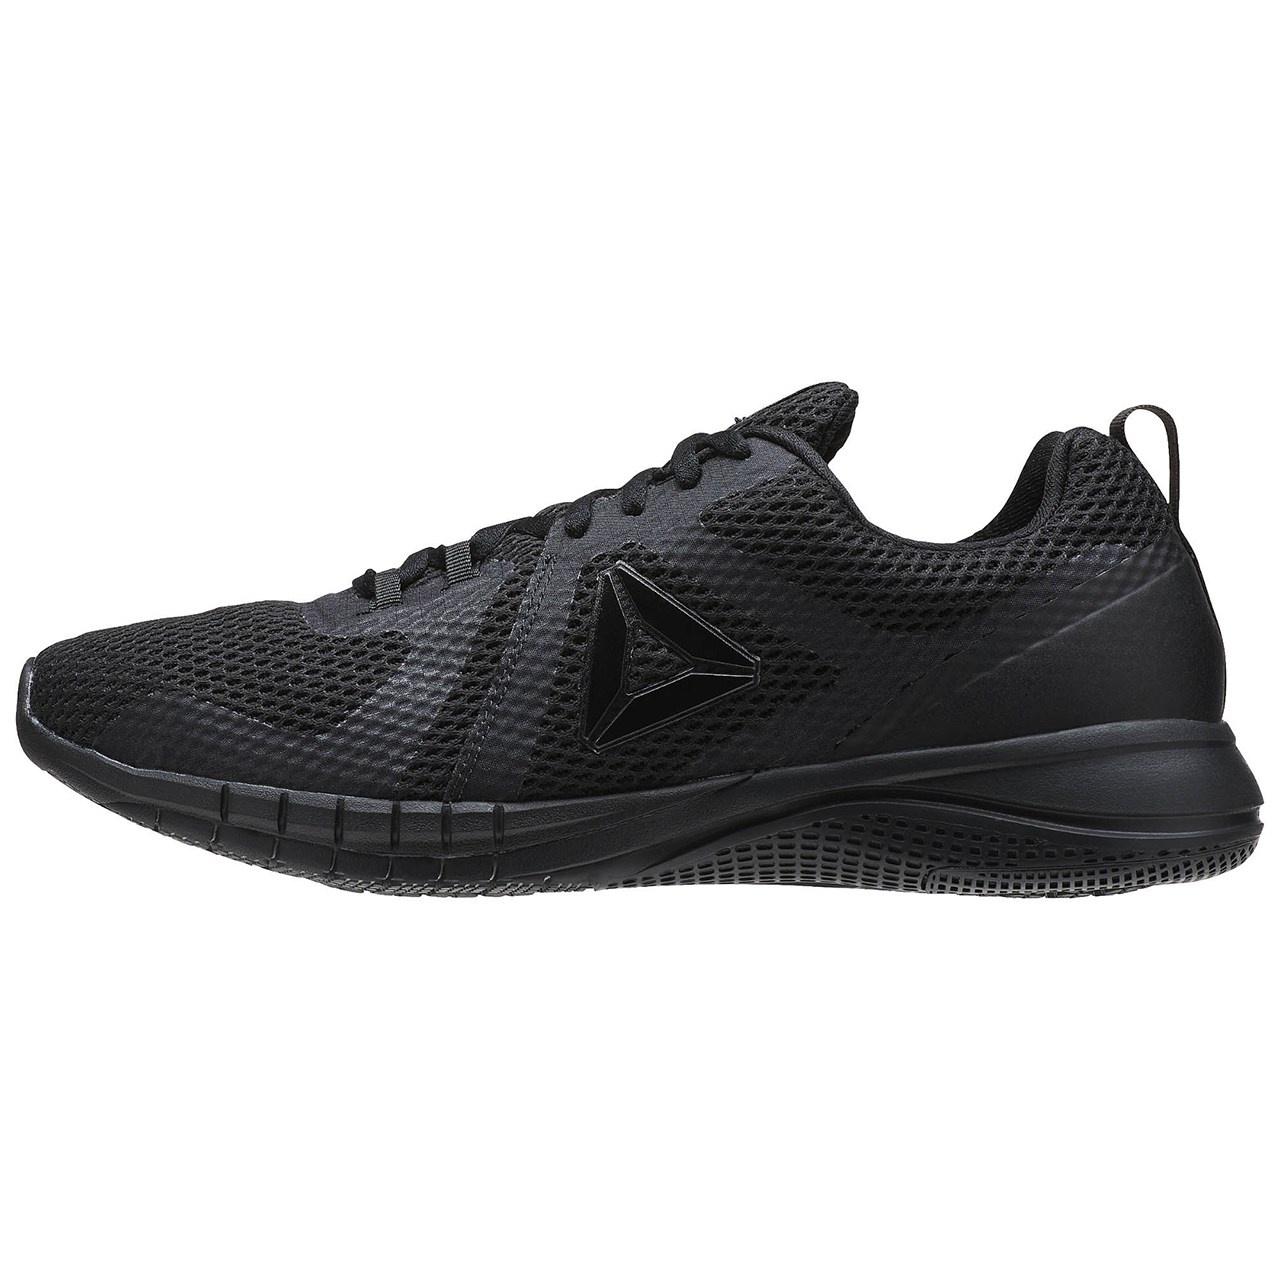 کفش مخصوص دویدن مردانه ریباک مدل Print Run 2.0             , خرید اینترنتی